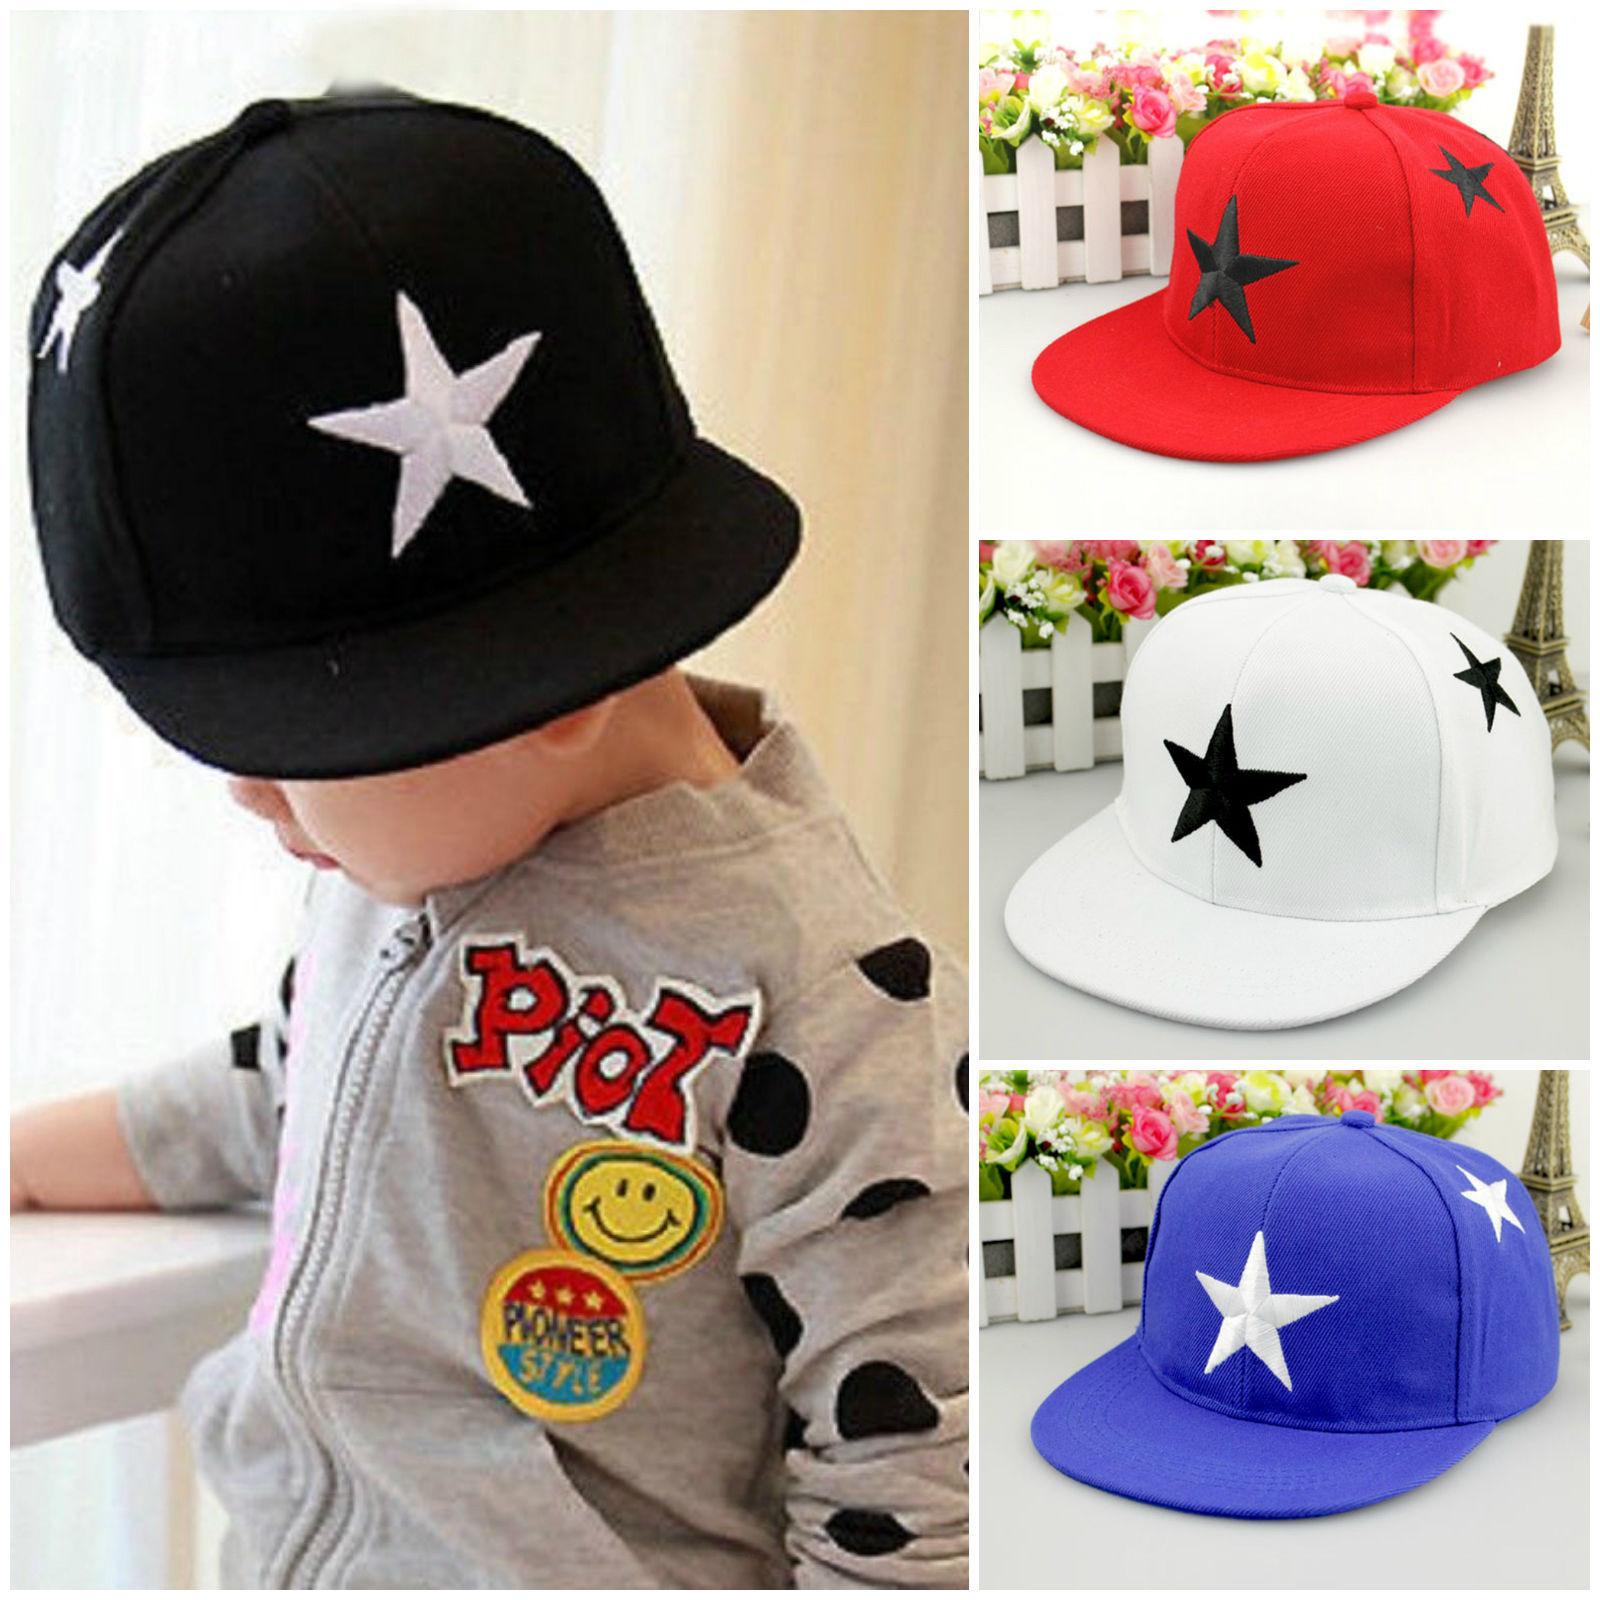 323e1134612 Details about Kids Boys Girls Baseball Cap Hip Hop Snapback Casual Infant Adjustable  Hat Sport